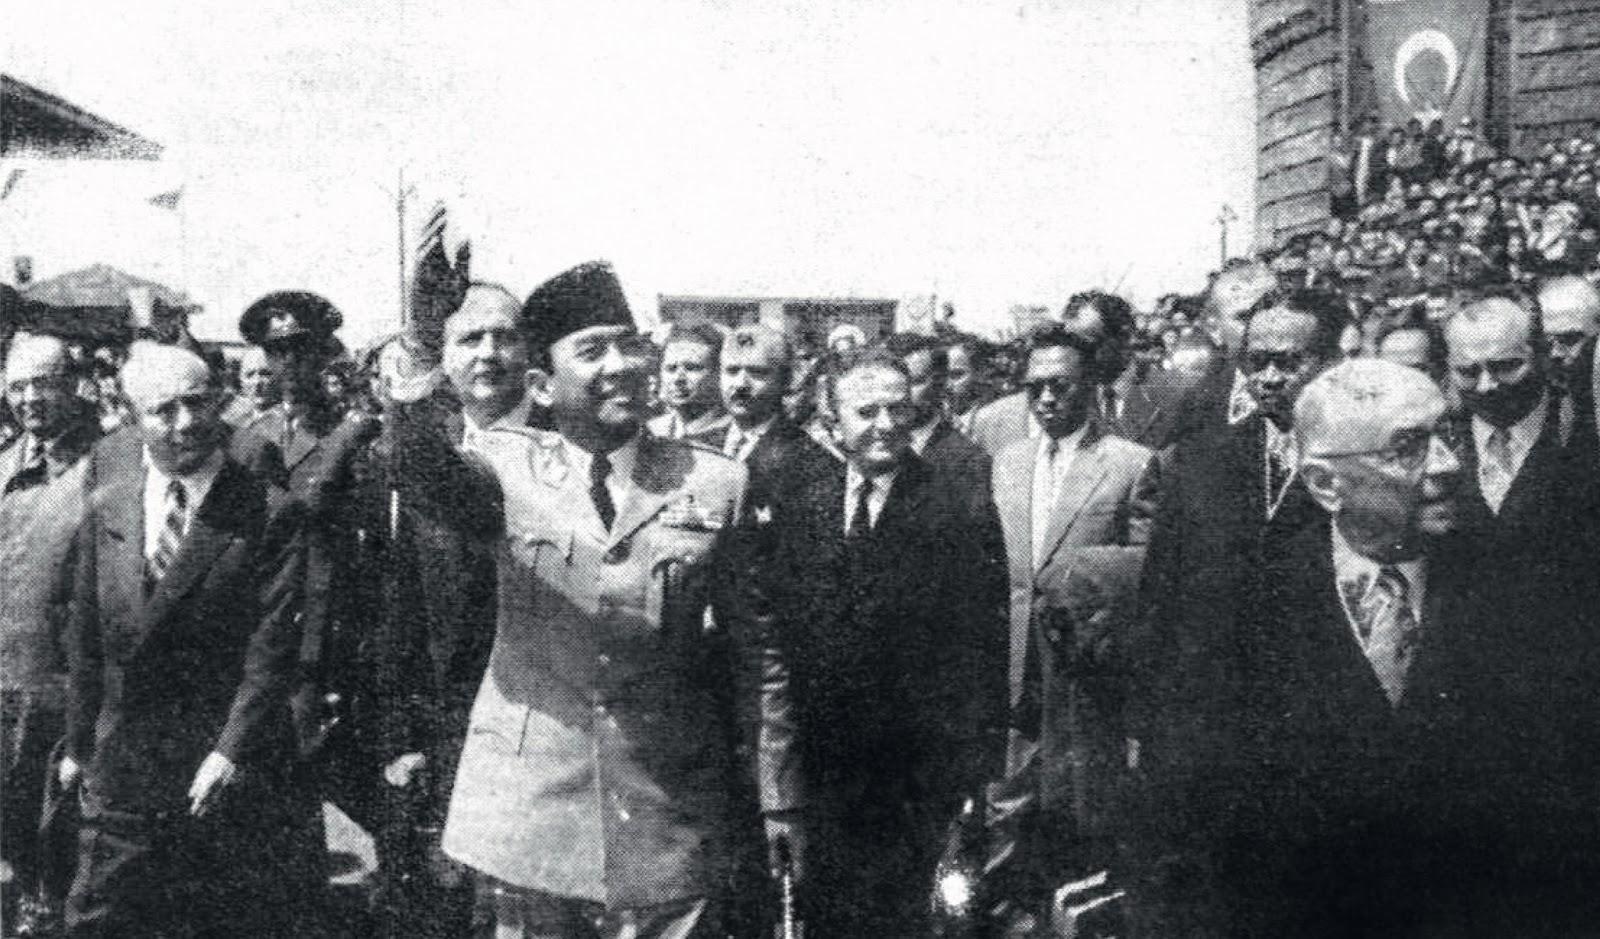 Presiden Soekarno di Kawasan Ulus, Ankara, setelah Keluar dari Gedung Parlemen Turki. Arsip Foto Koran Cumhuriyet